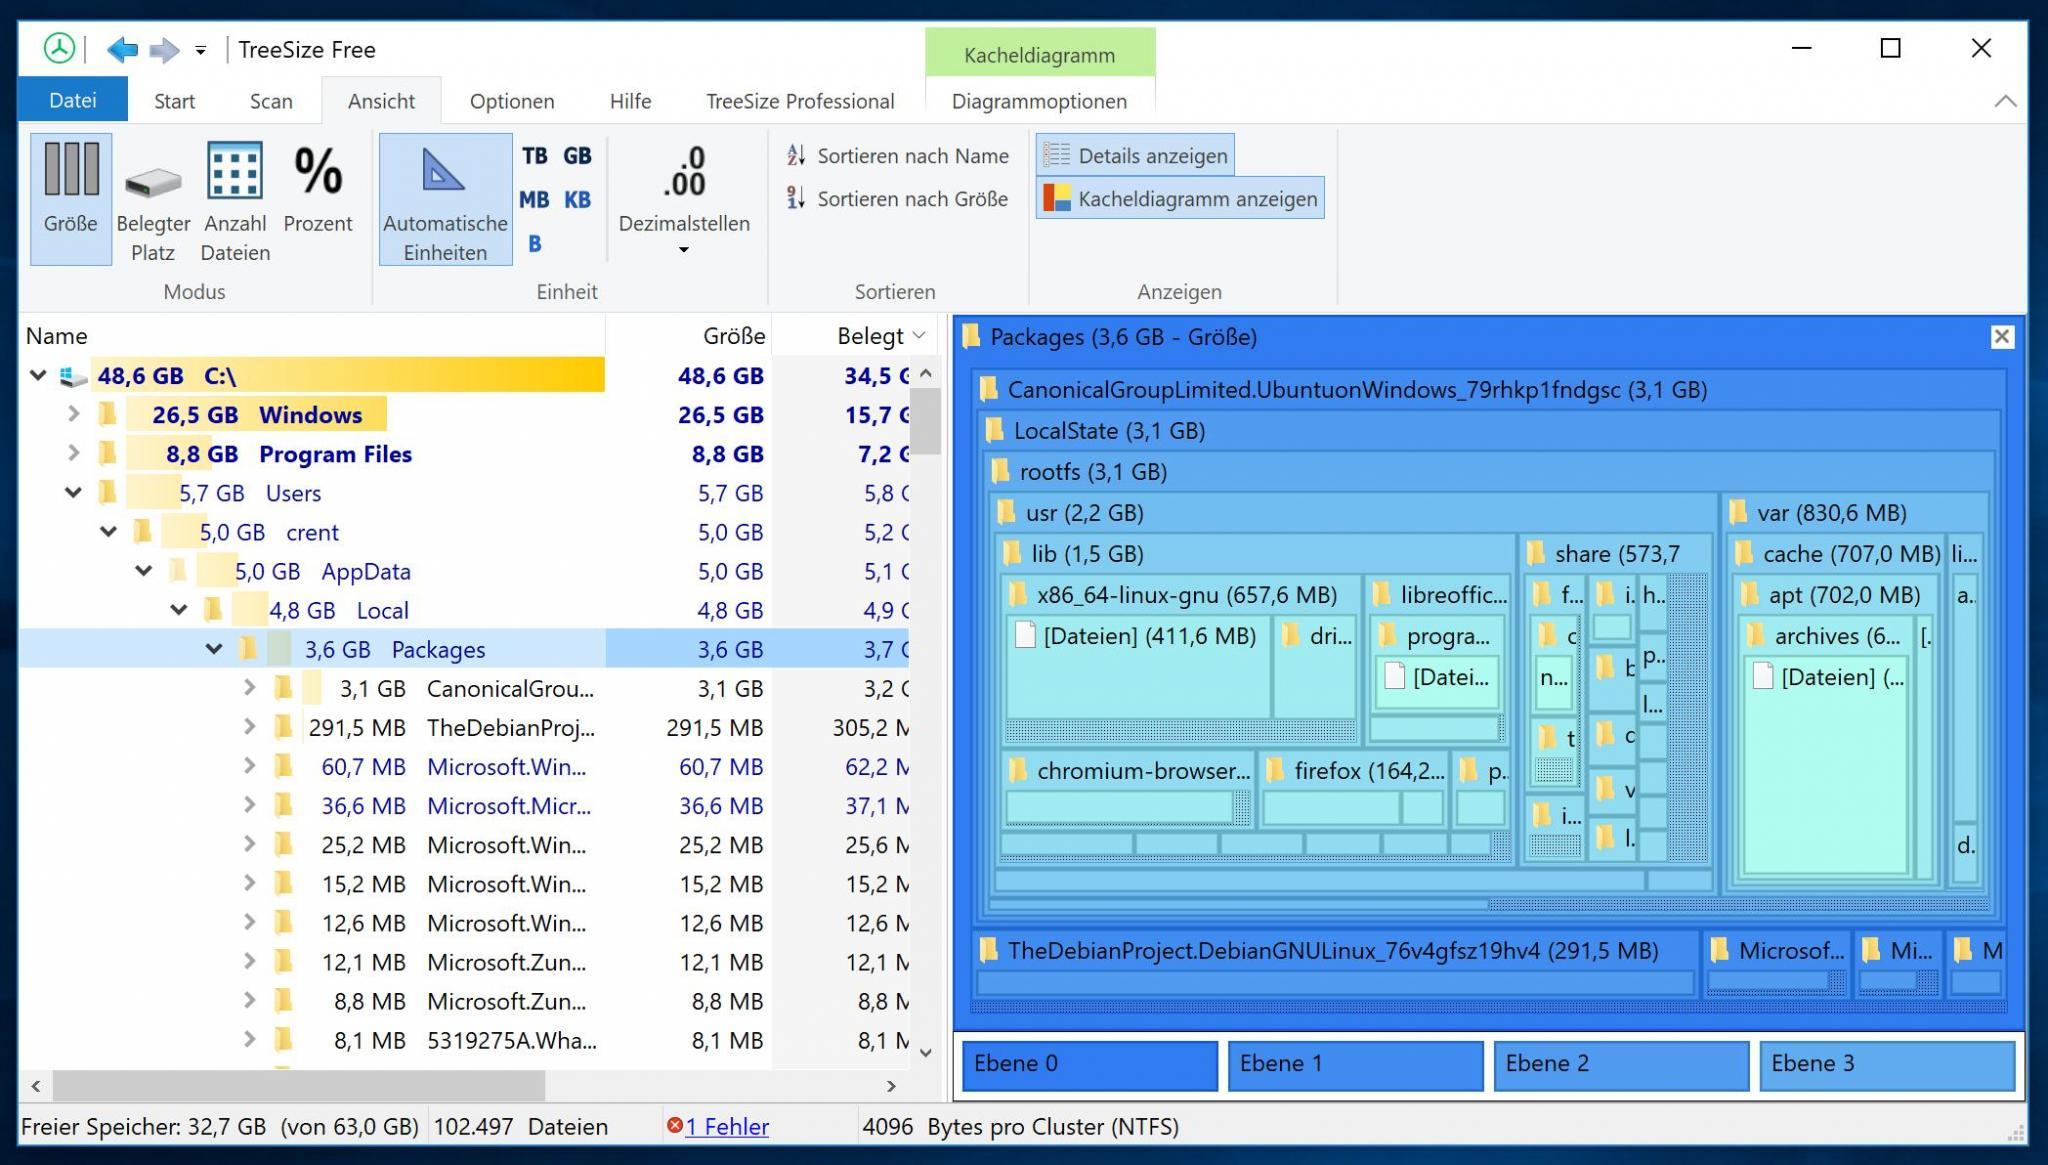 Mit einem Tool wie Treesize Free könnt Ihr Eure Festplatte auf Platzfresser untersuchen.